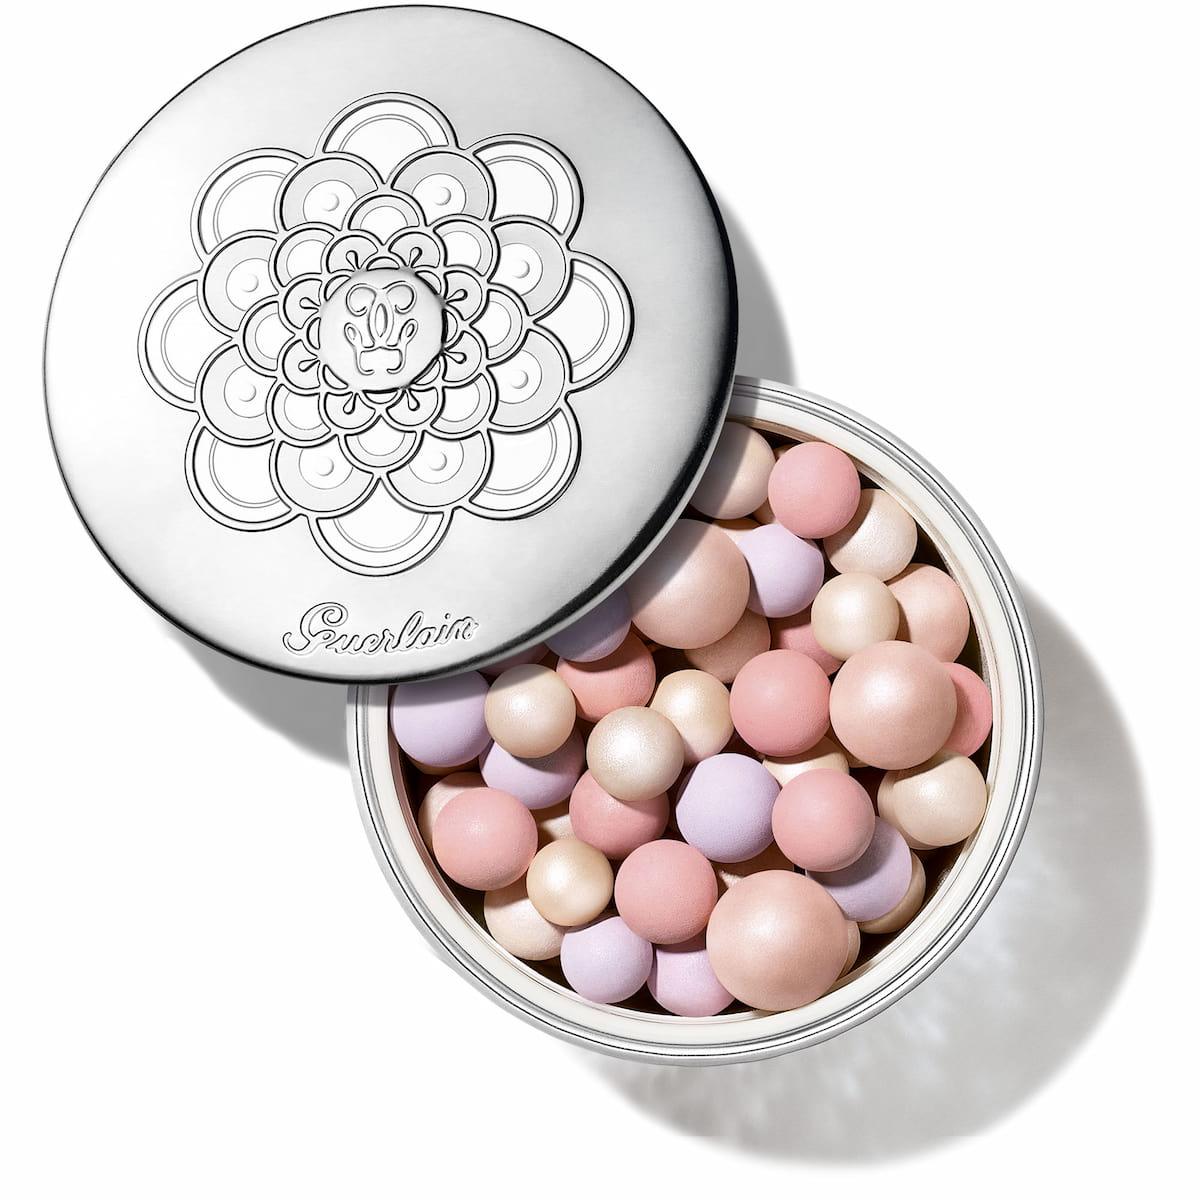 Guerlain - Météorites - Perles de Poudre Edition Limitée